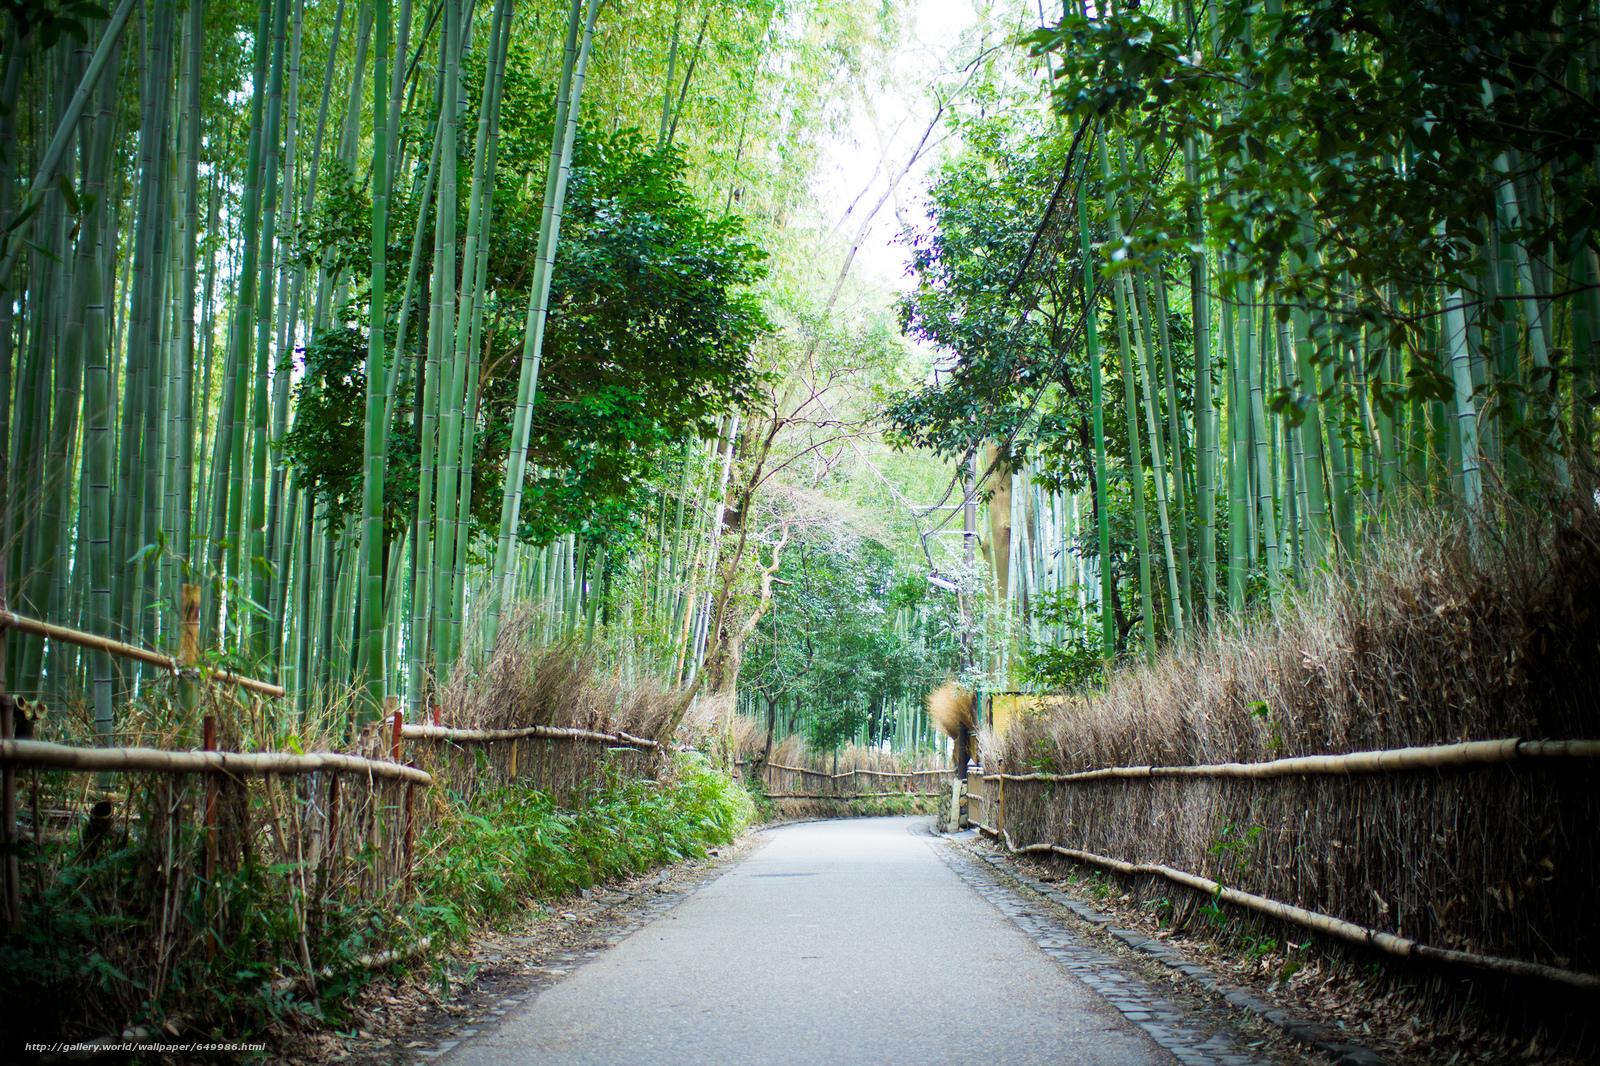 Скачать обои Арасияма,  Бамбуковый лес,  Киото,  Япония бесплатно для рабочего стола в разрешении 2048x1365 — картинка №649986